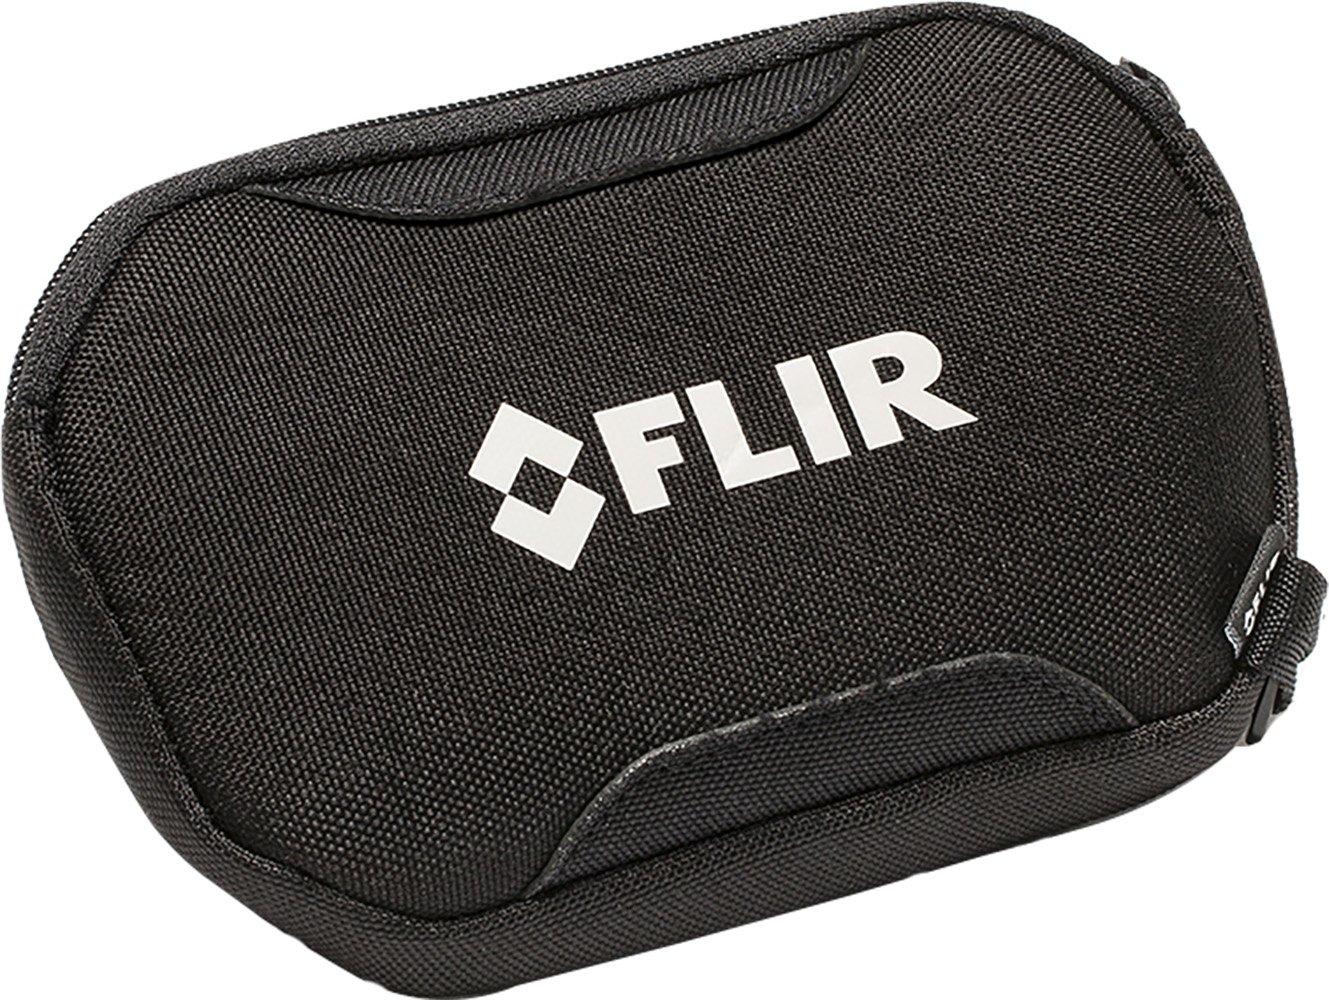 FLIR T130129ACC CX Series Pouch Case